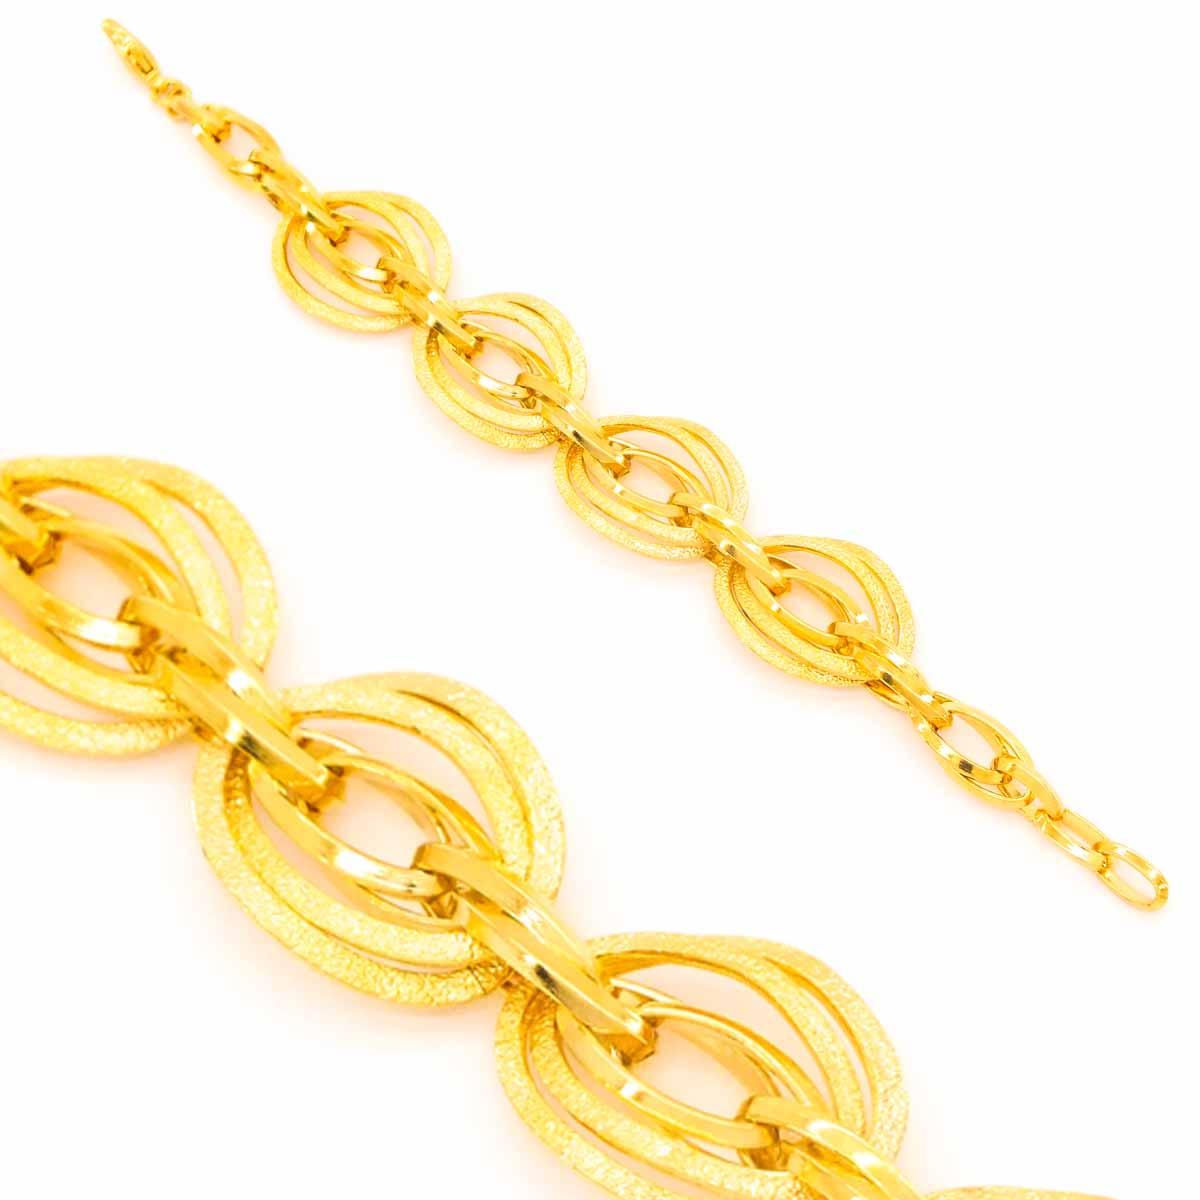 FerizZ 22 Ayar Altın Kaplama Gösterişli Samanyolu Kadın Bileklik 19cm-21.5cm BLK-318